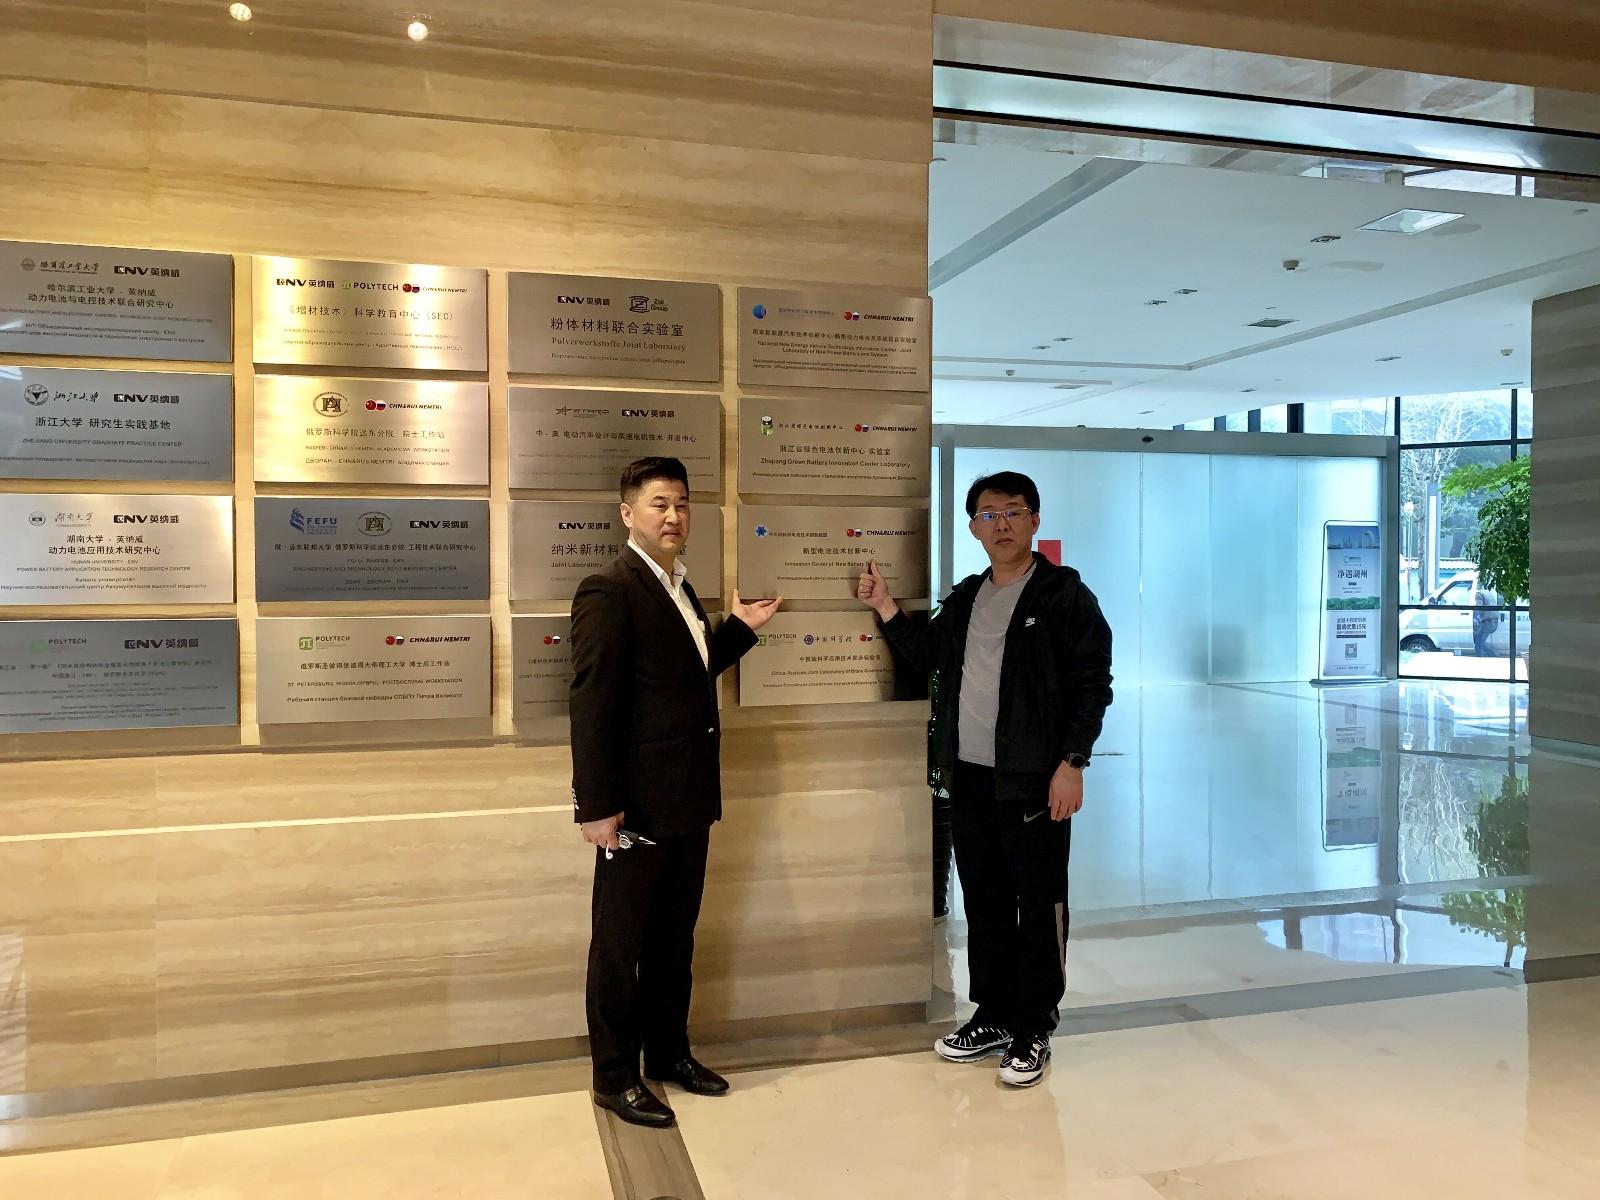 """ABEC 2019│中俄新能源材料技术研究院确认出席第7届电池""""达沃斯""""并发表主旨演讲"""